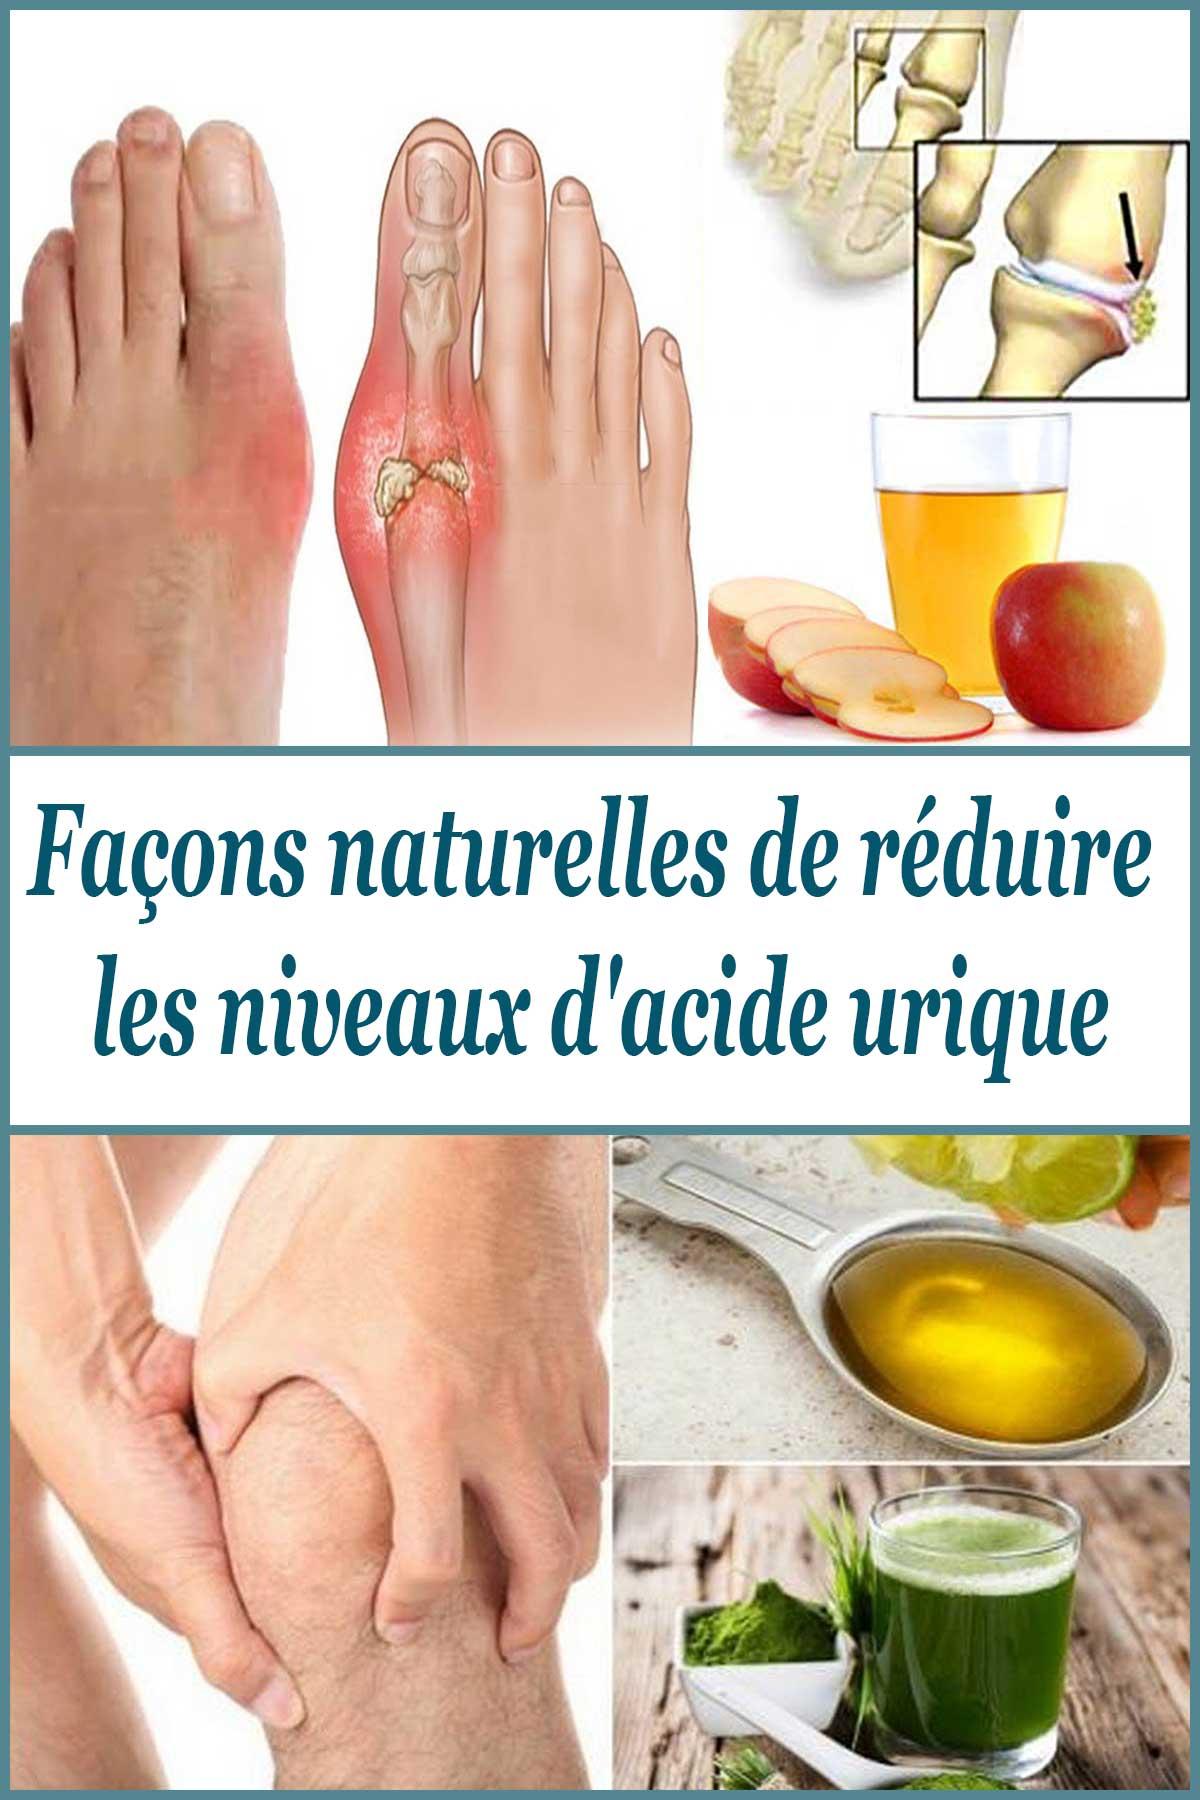 Façons naturelles de réduire les niveaux d'acide urique